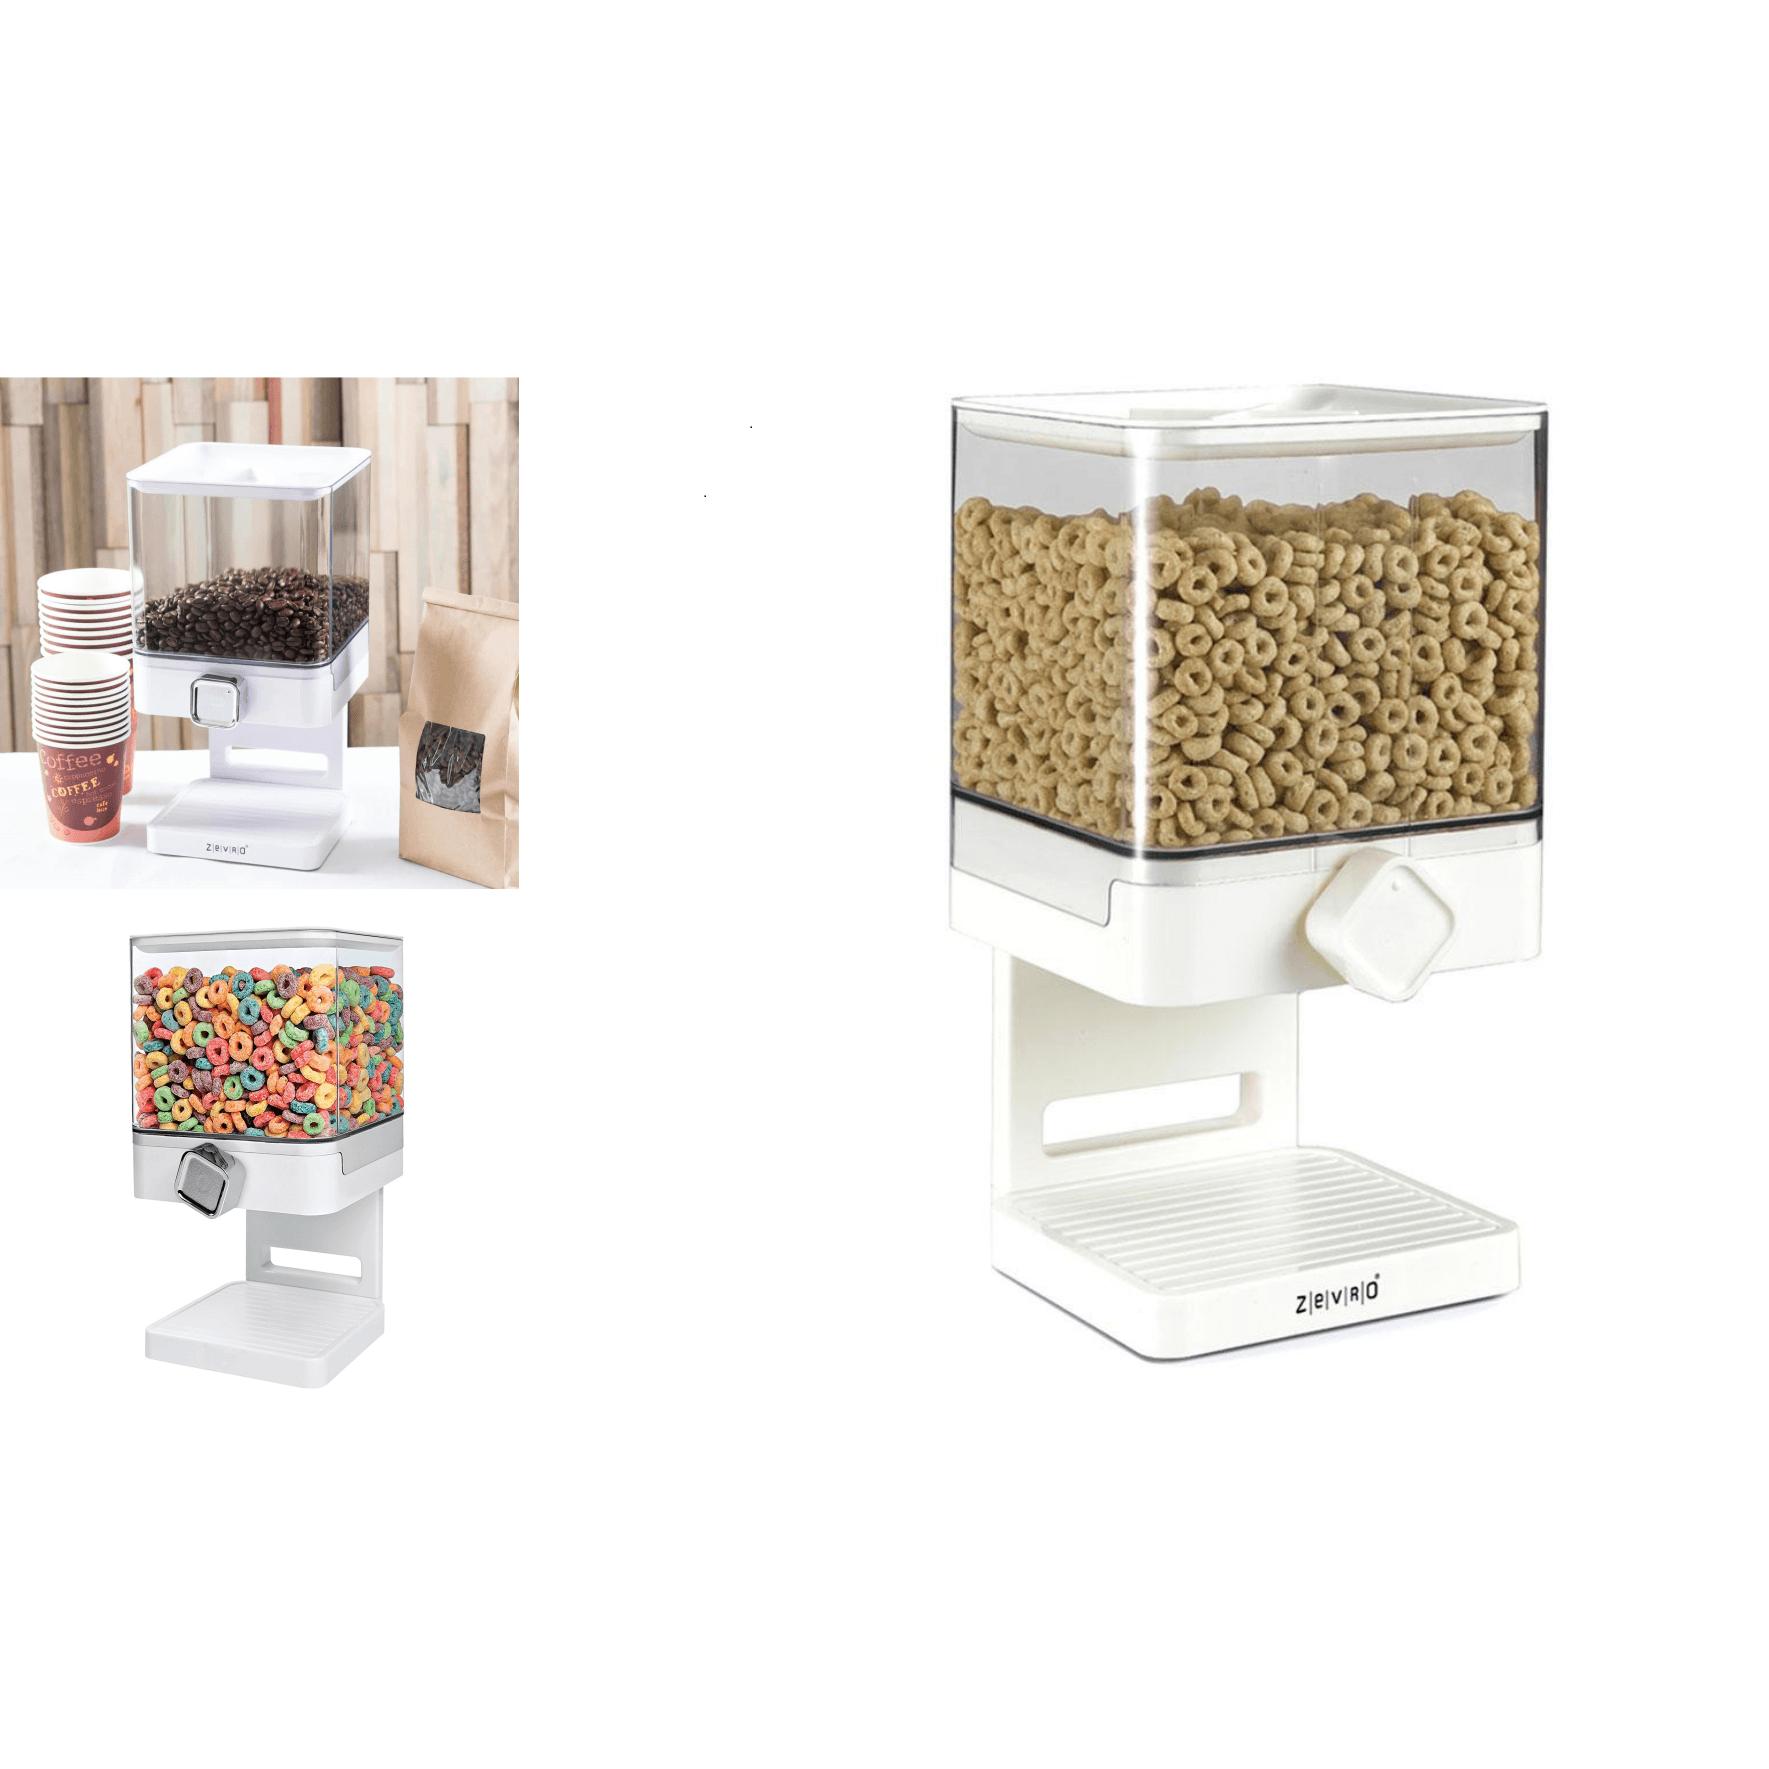 Διανεμητής Δημητριακών & Ξηρών Καρπών